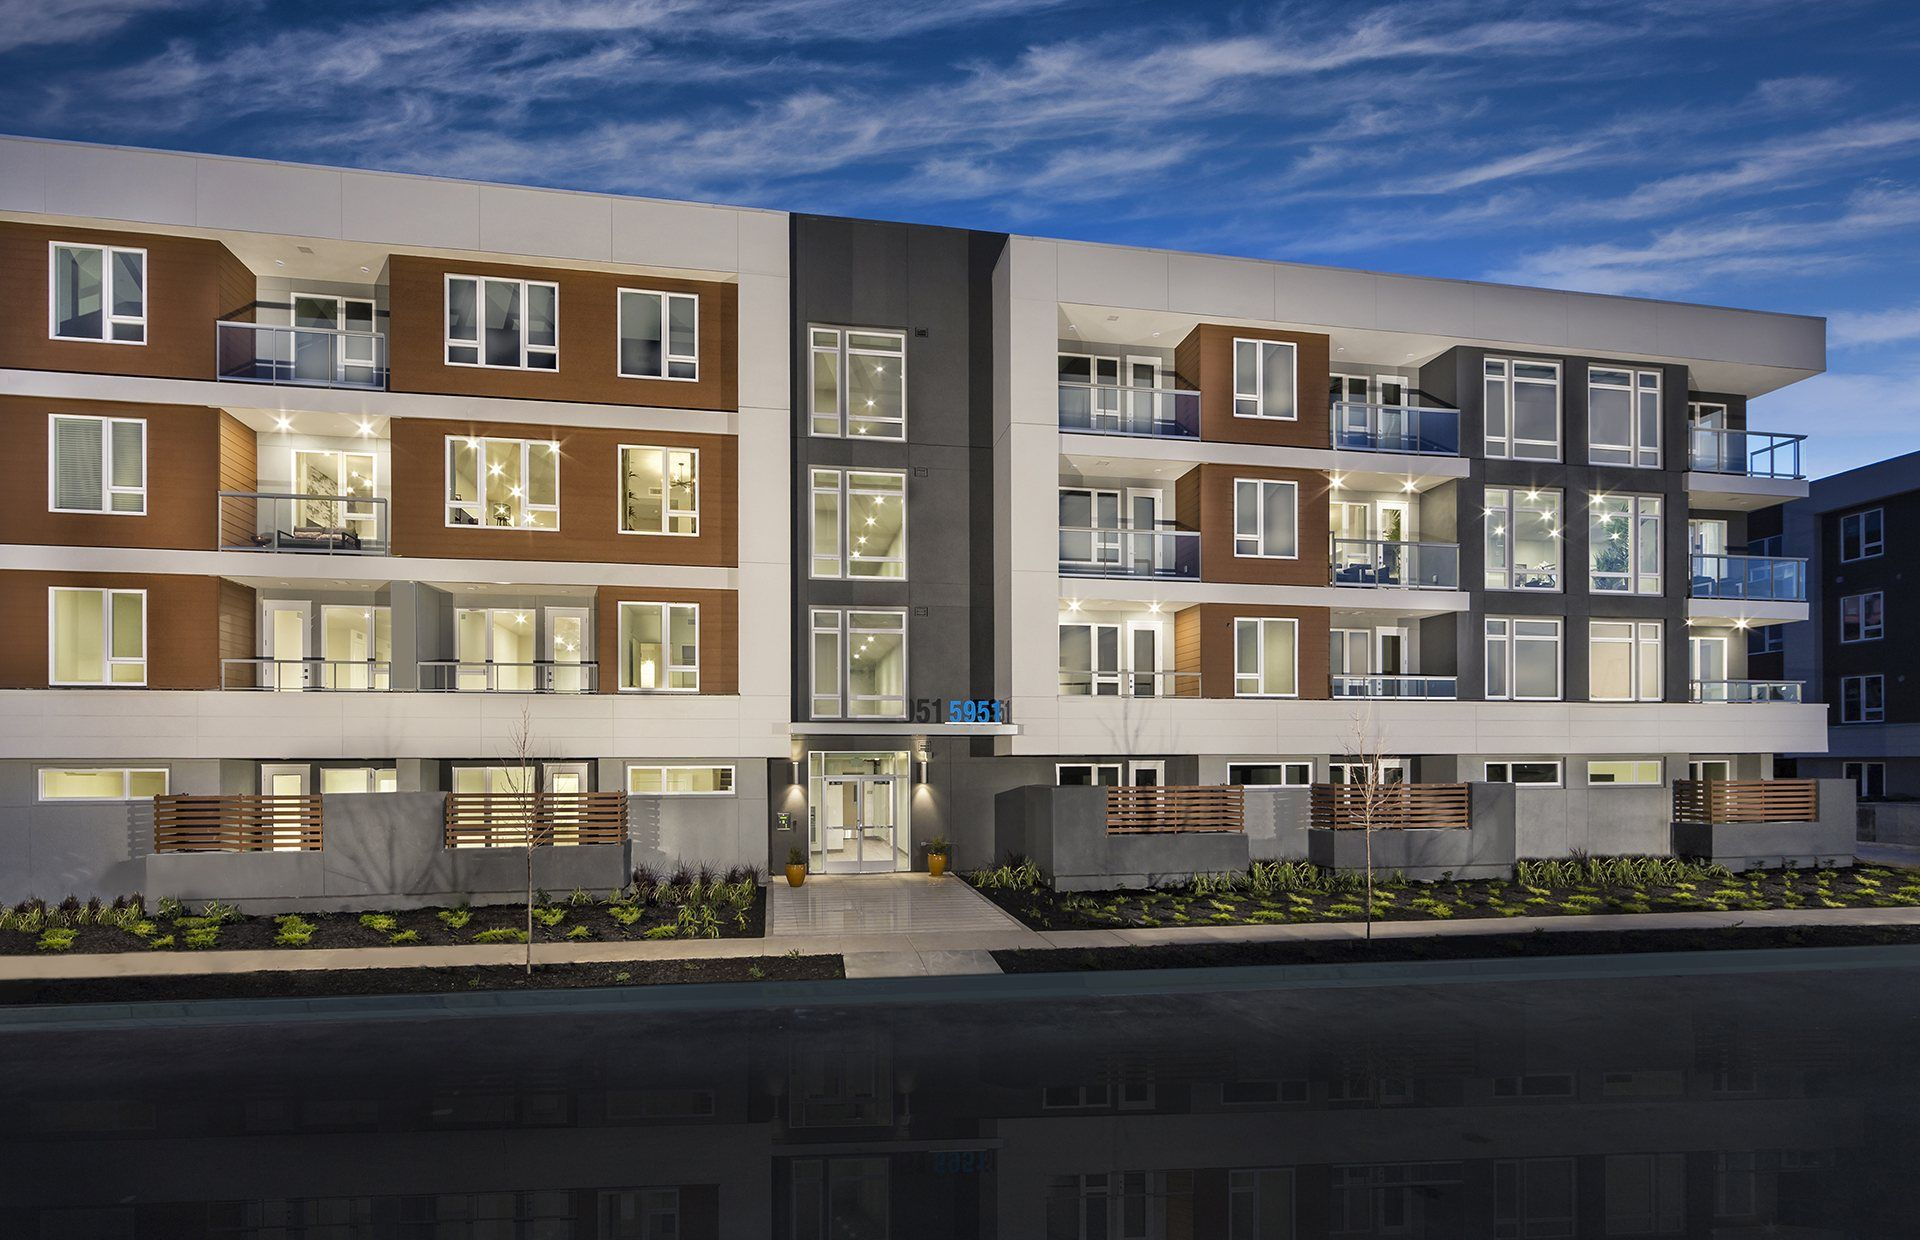 san jose real estate san jose real estate agents in ca. Black Bedroom Furniture Sets. Home Design Ideas